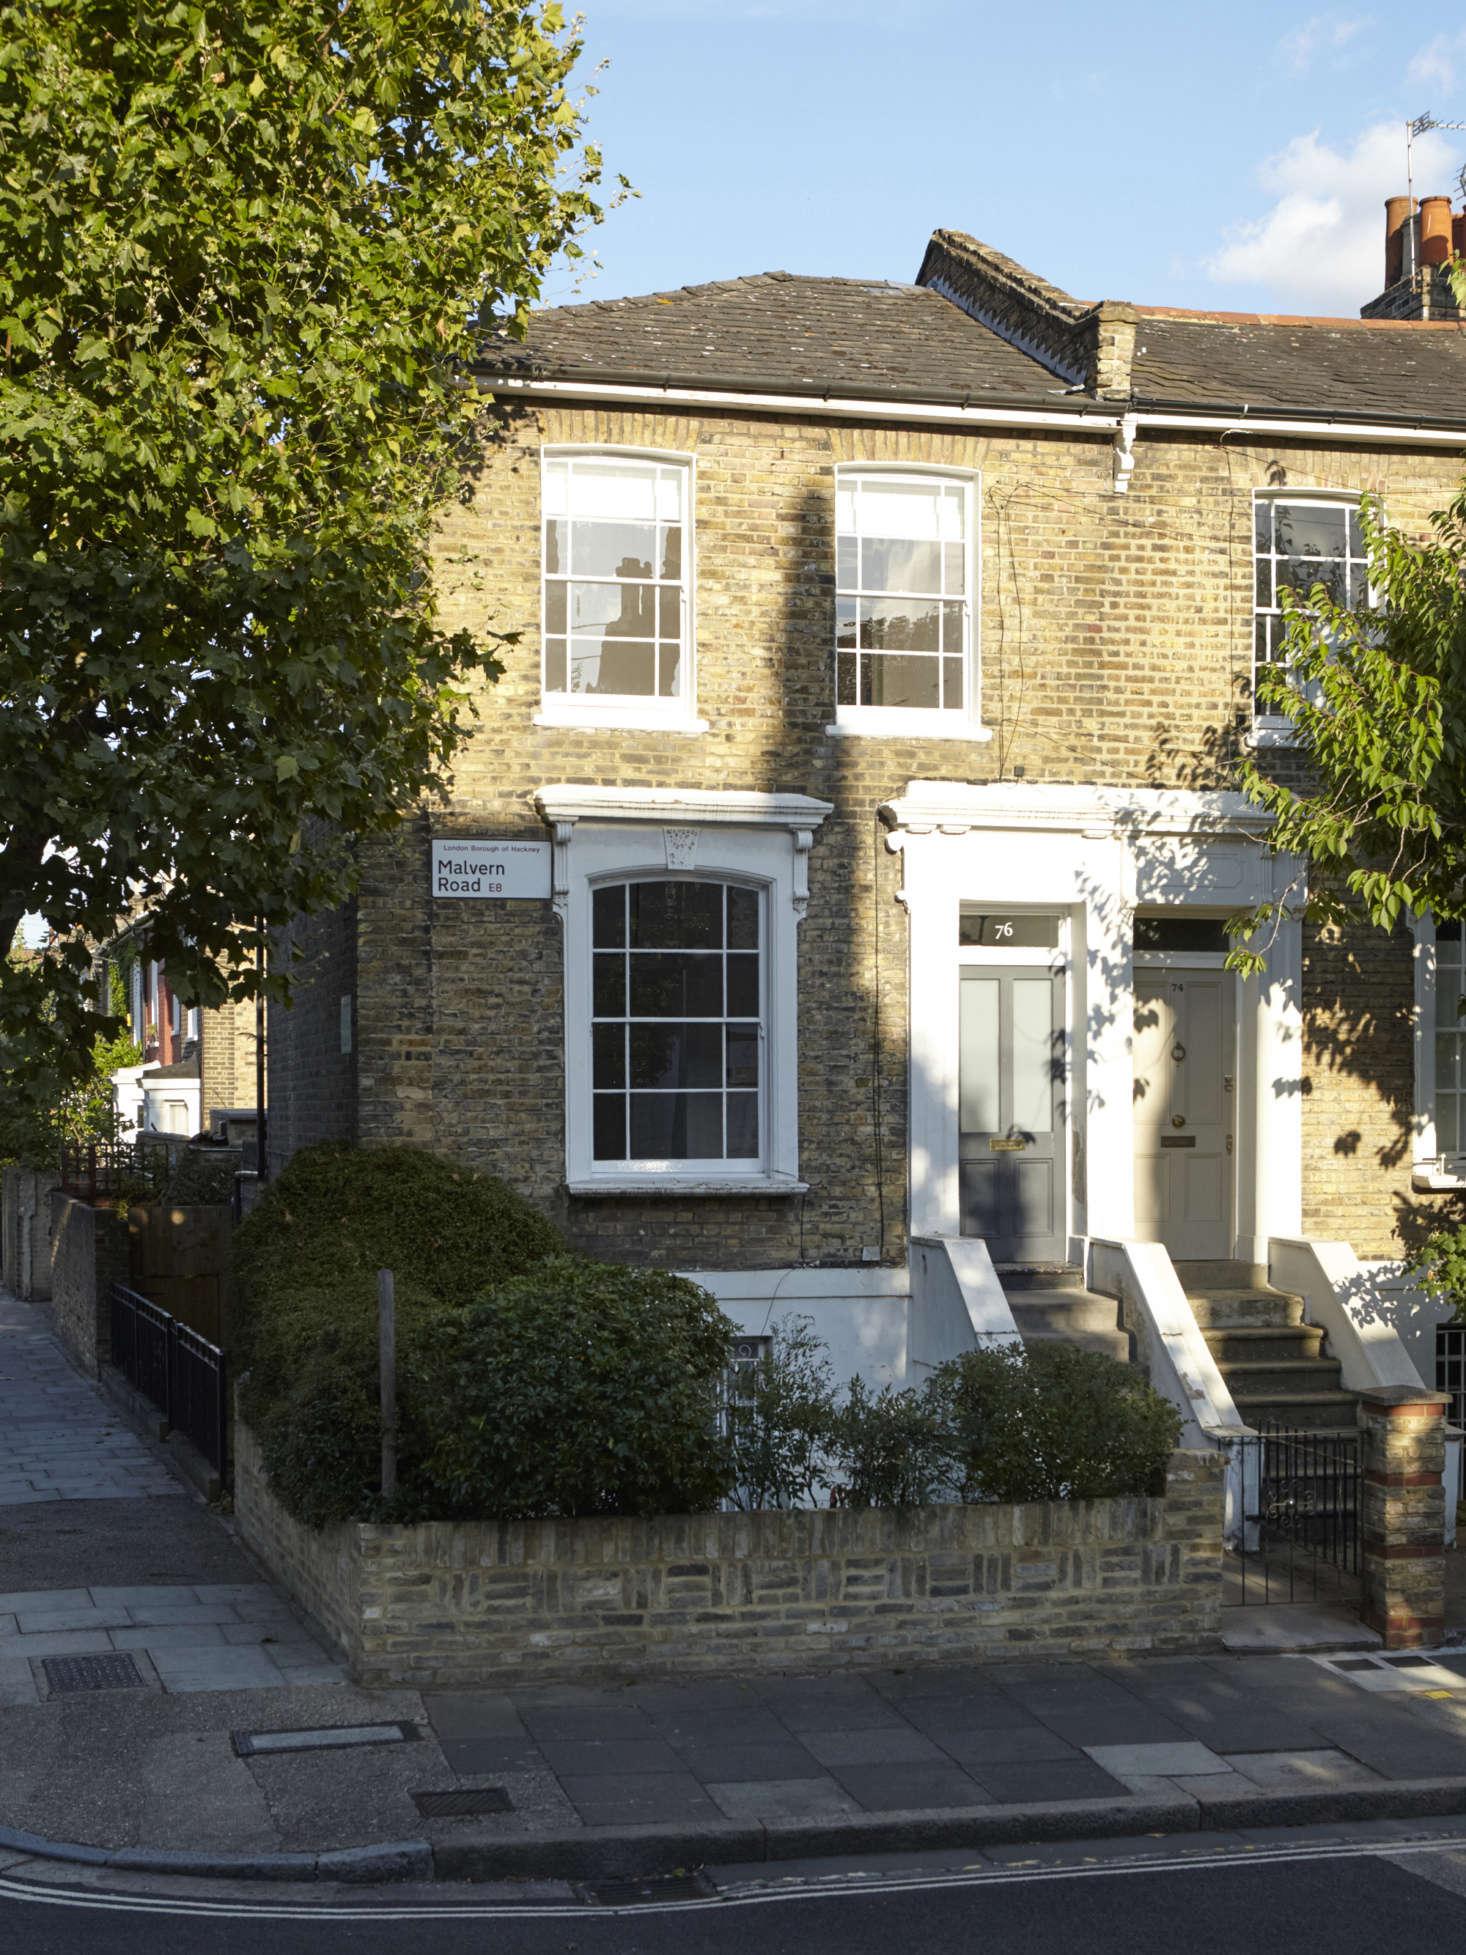 O exterior da pequena casa com terraço georgiano.  & # 8